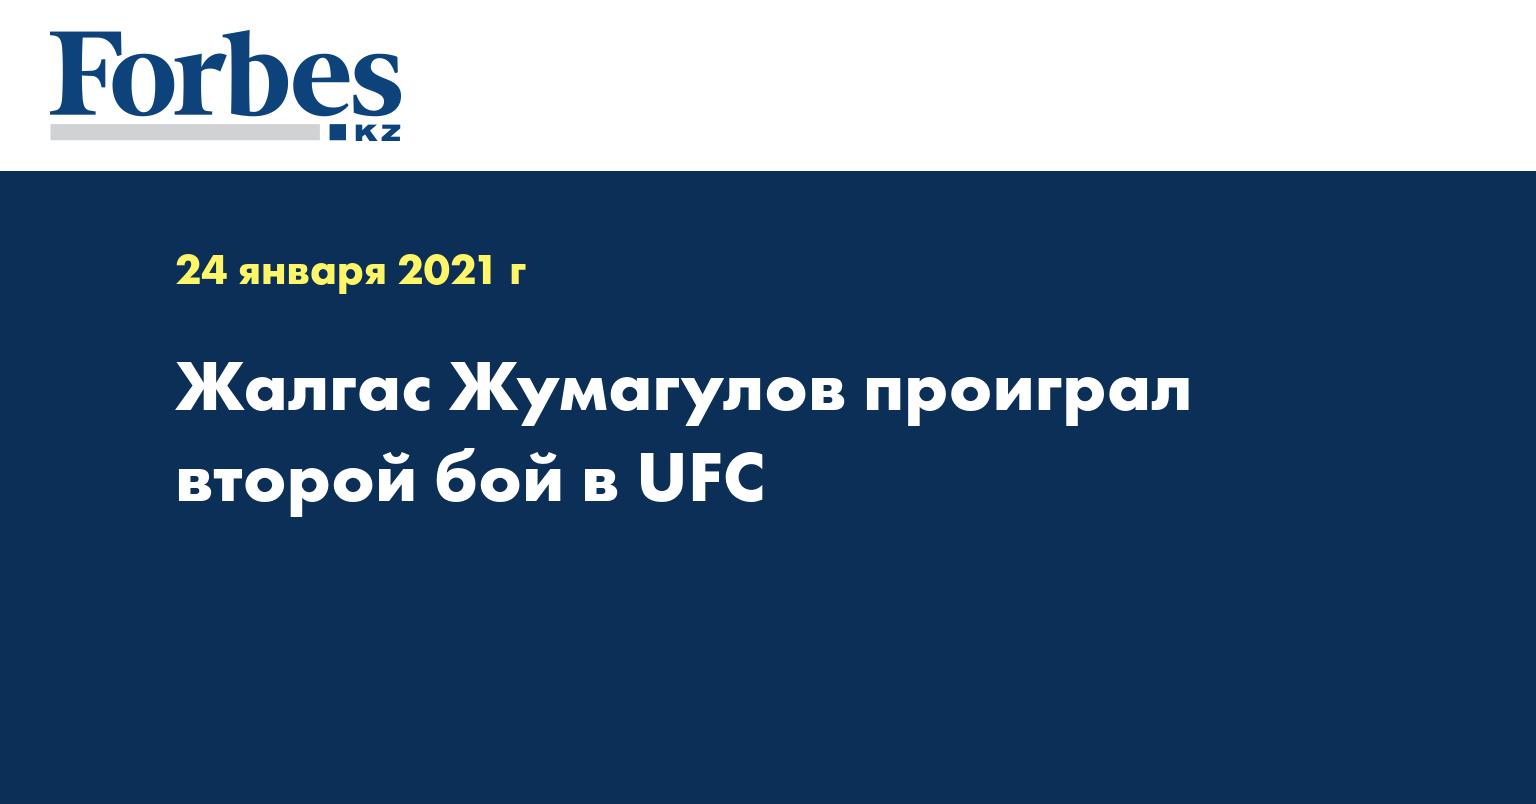 Жалгас Жумагулов проиграл второй бой в UFC